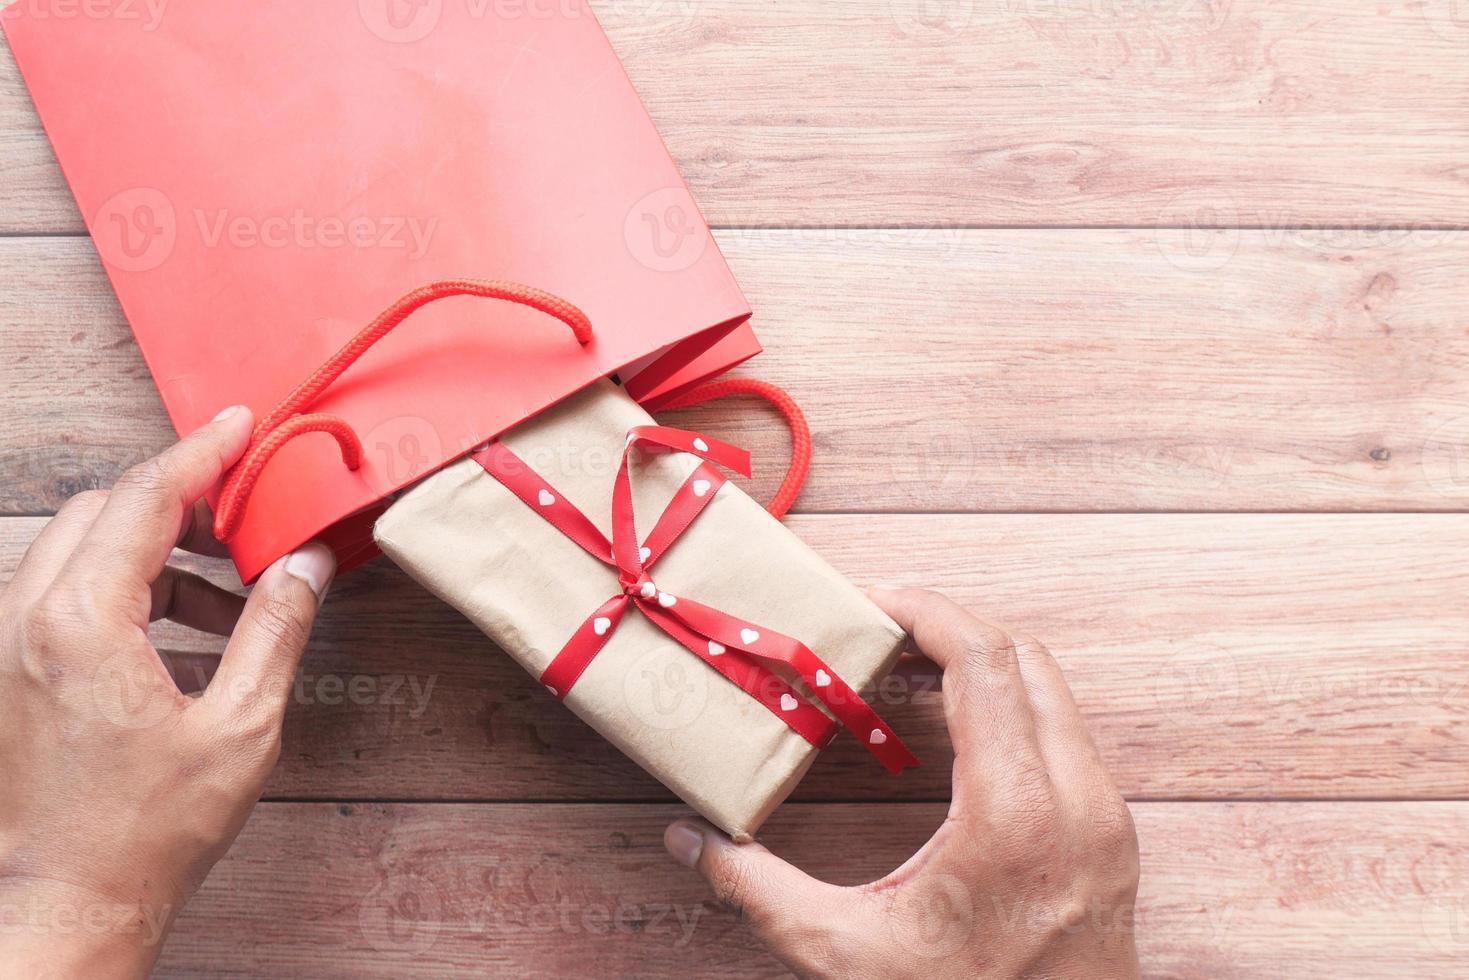 pessoa colocando um presente em uma sacola foto